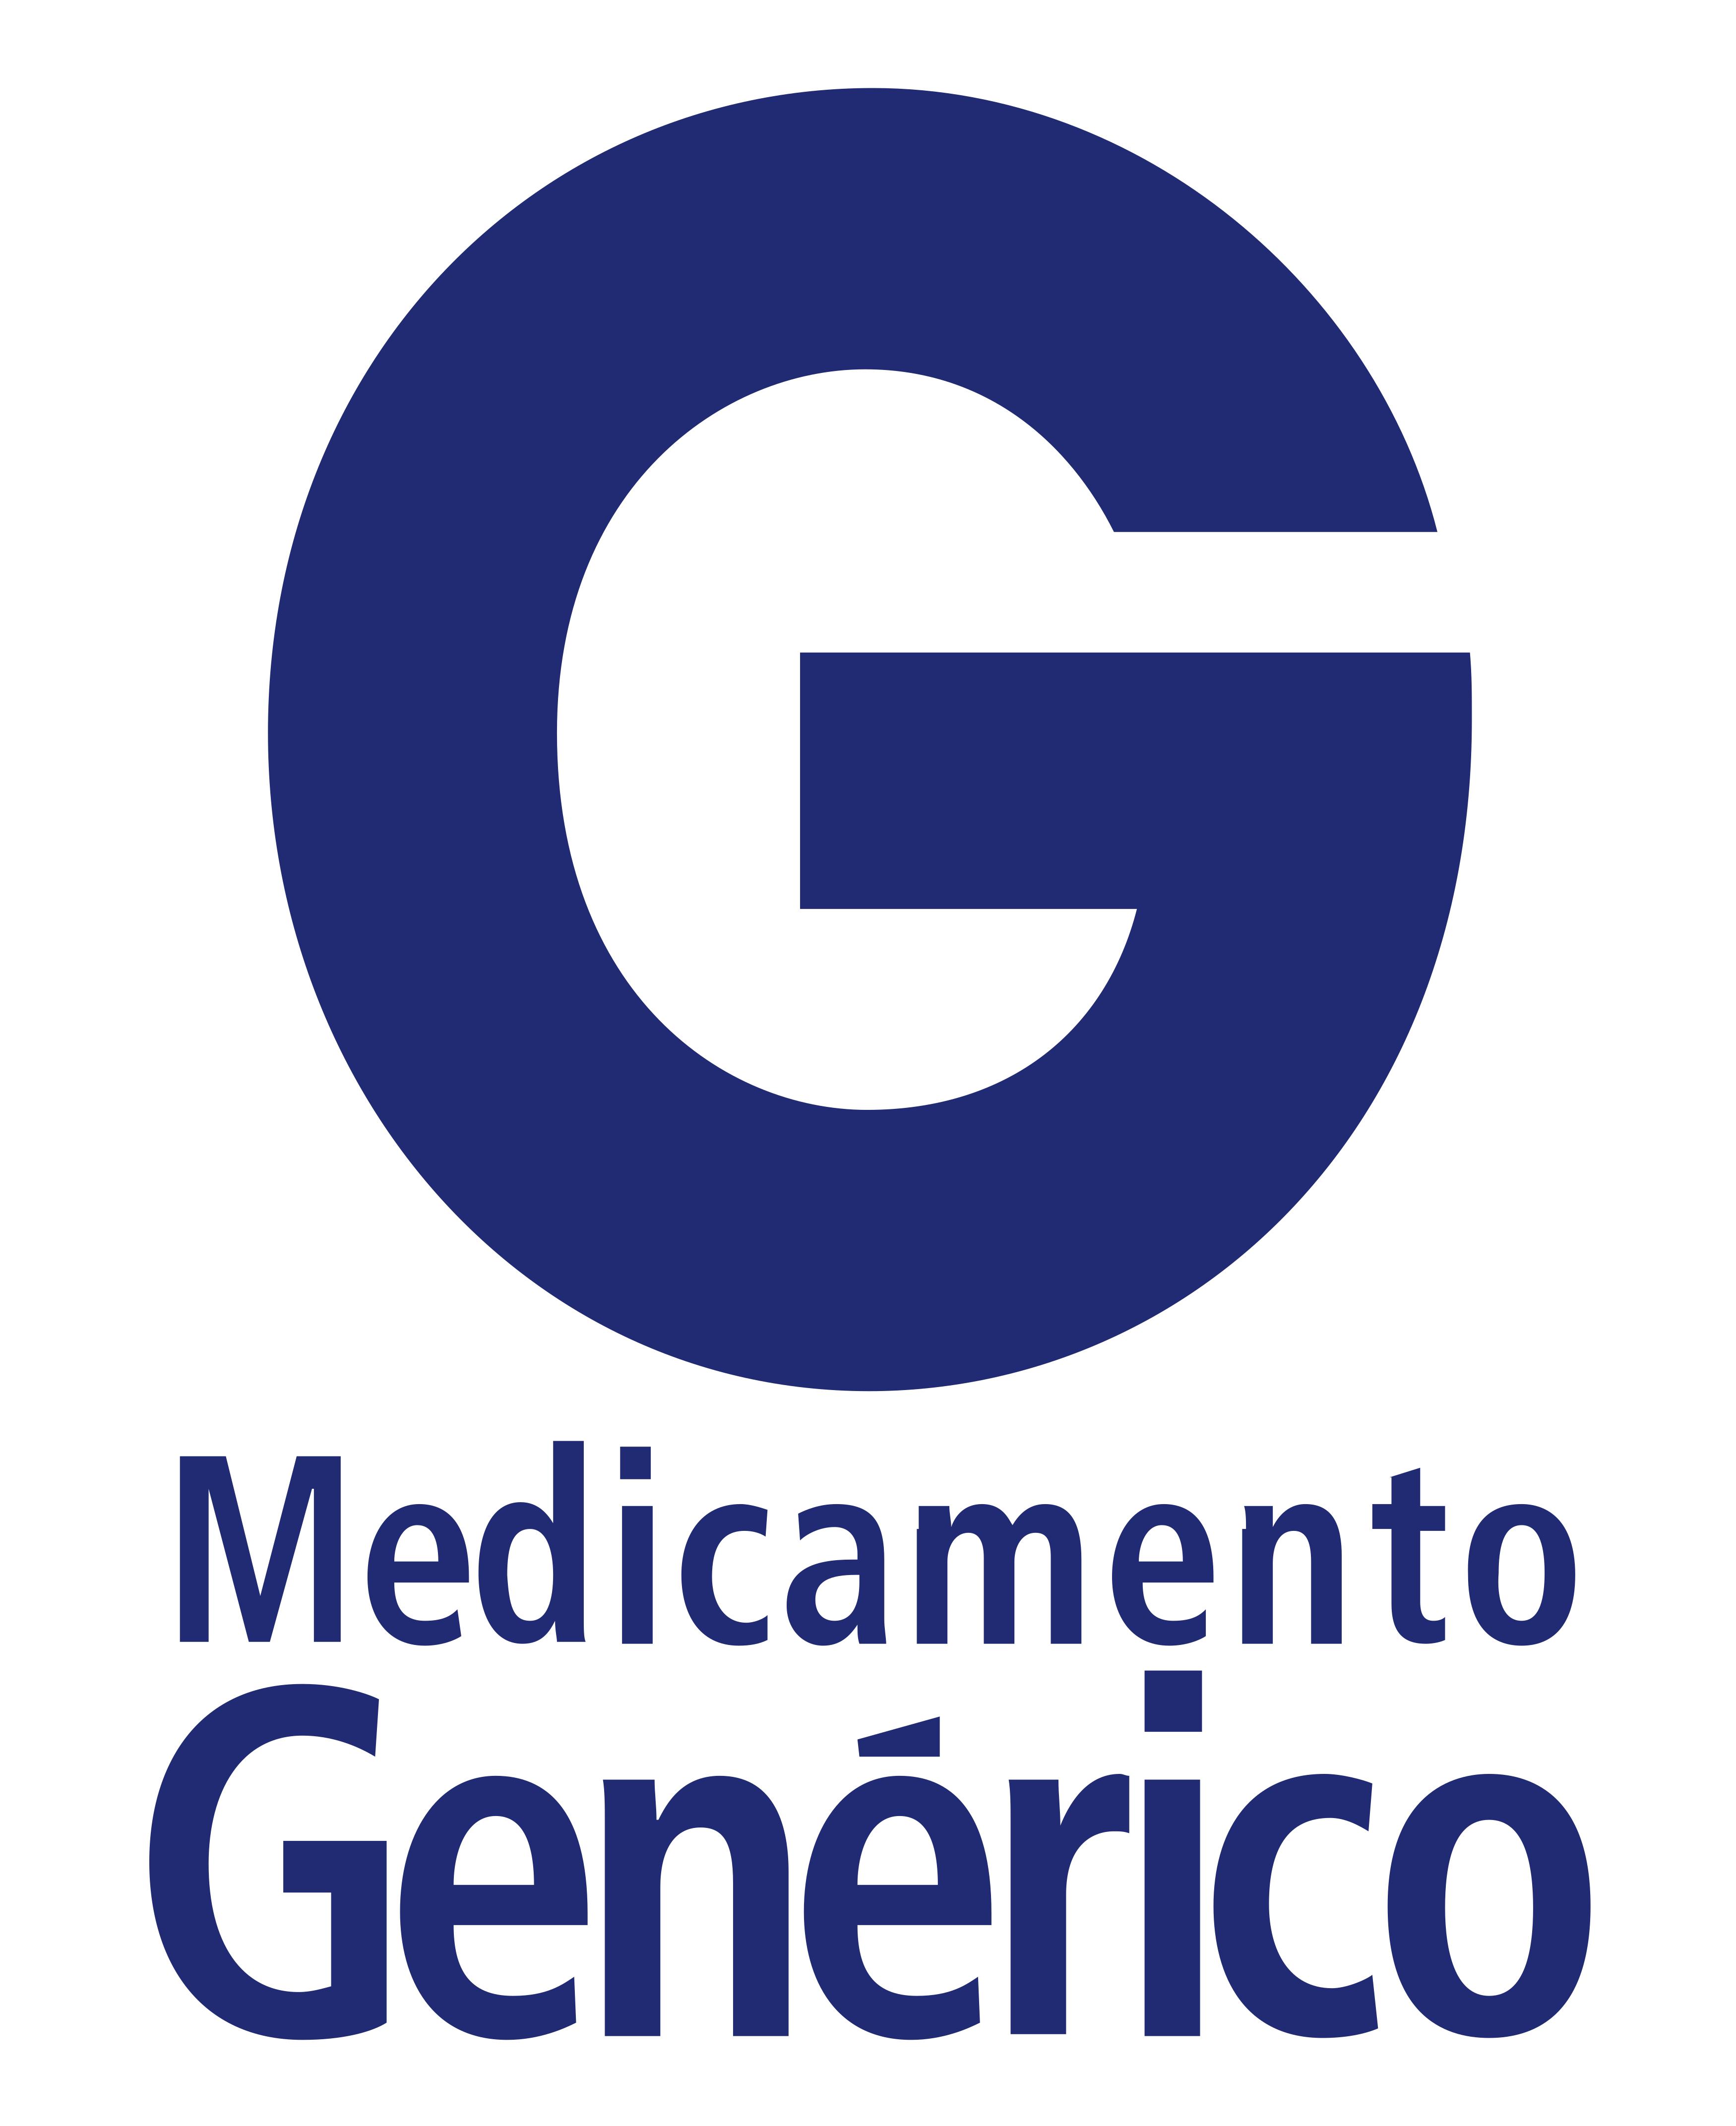 medicamento generico logo 2 - Genérico Logo - Medicamento Genérico Logo